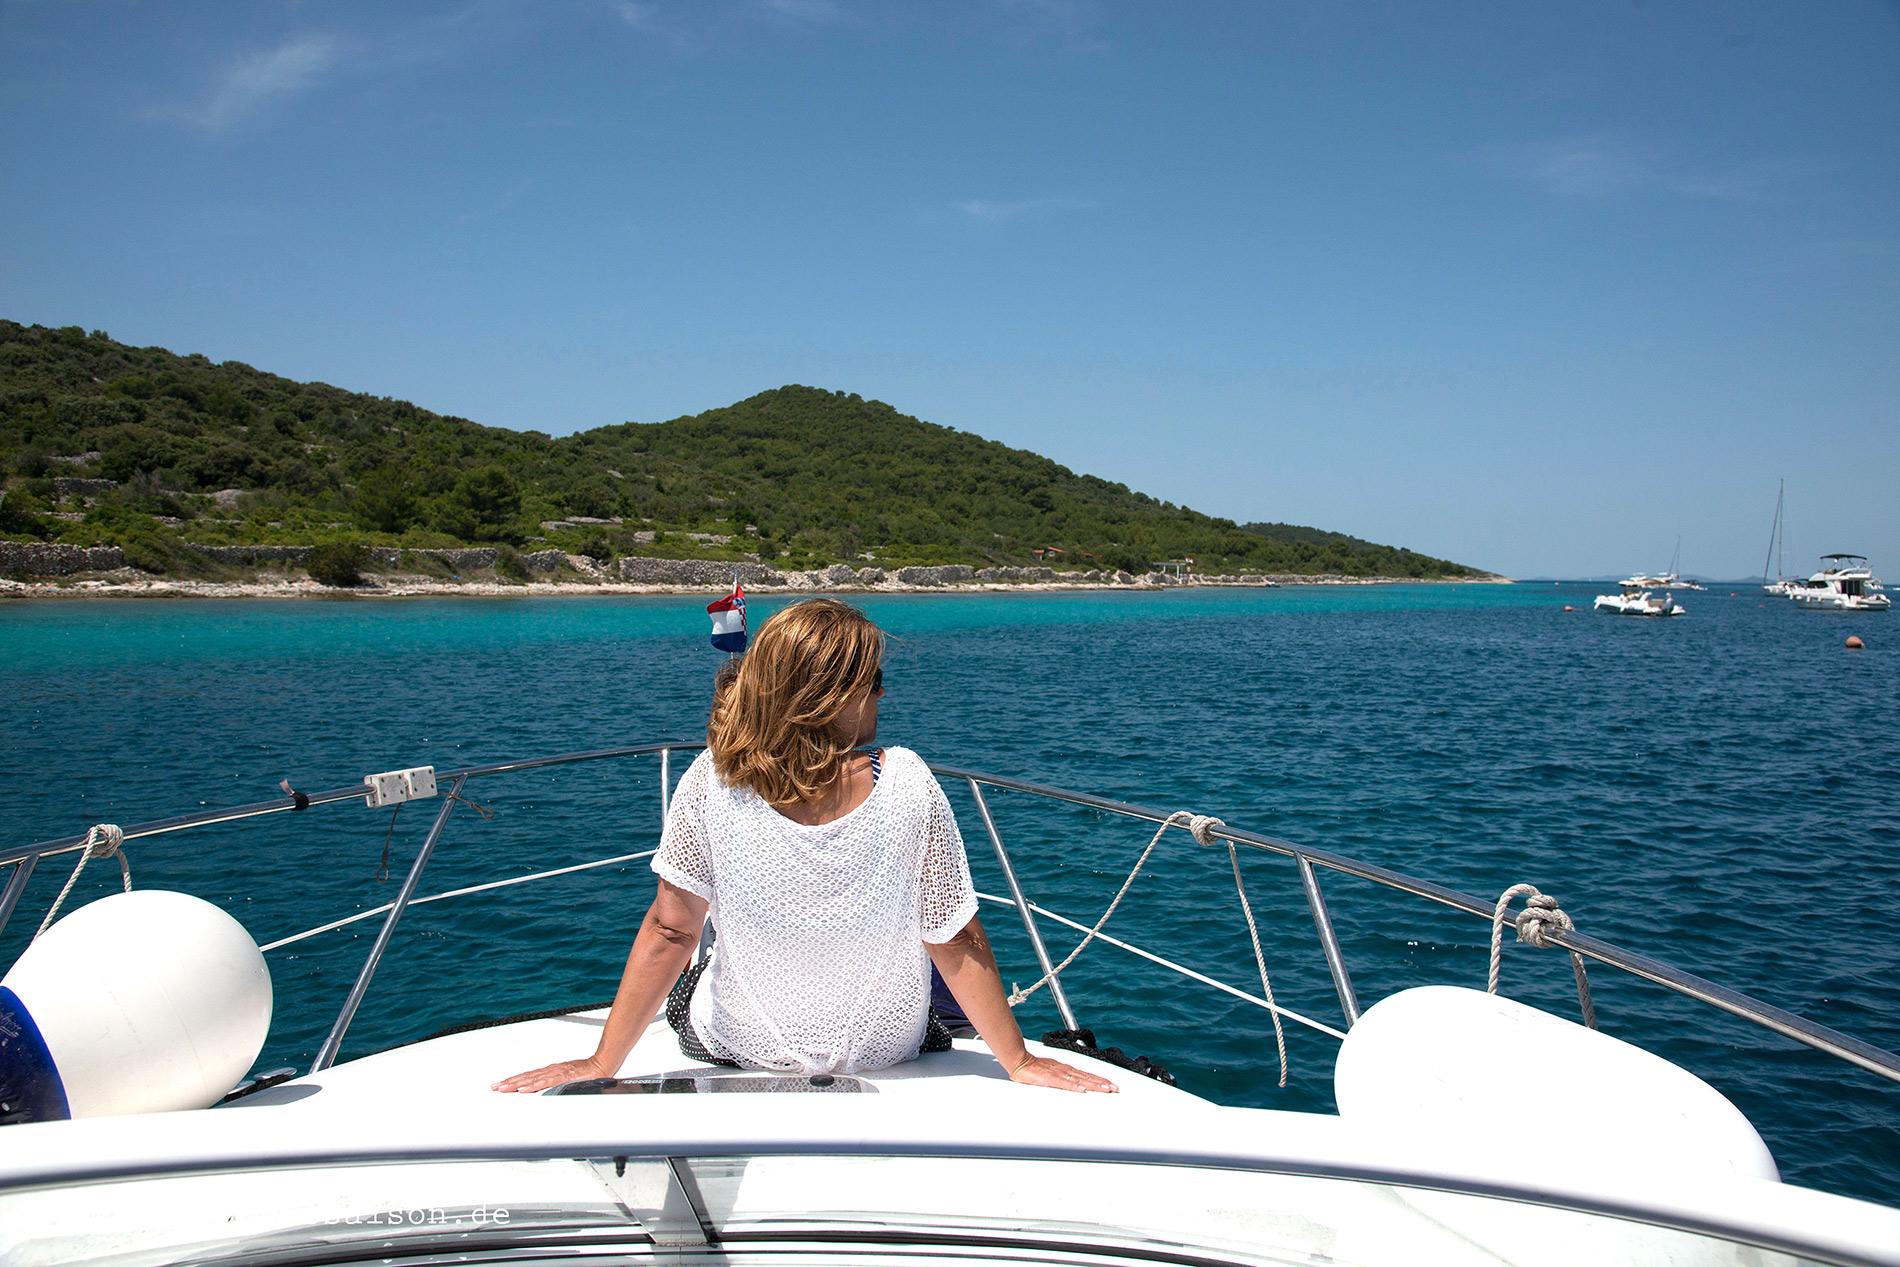 Kap Potkucina - Sonne und Meer genießenin Dalmatien